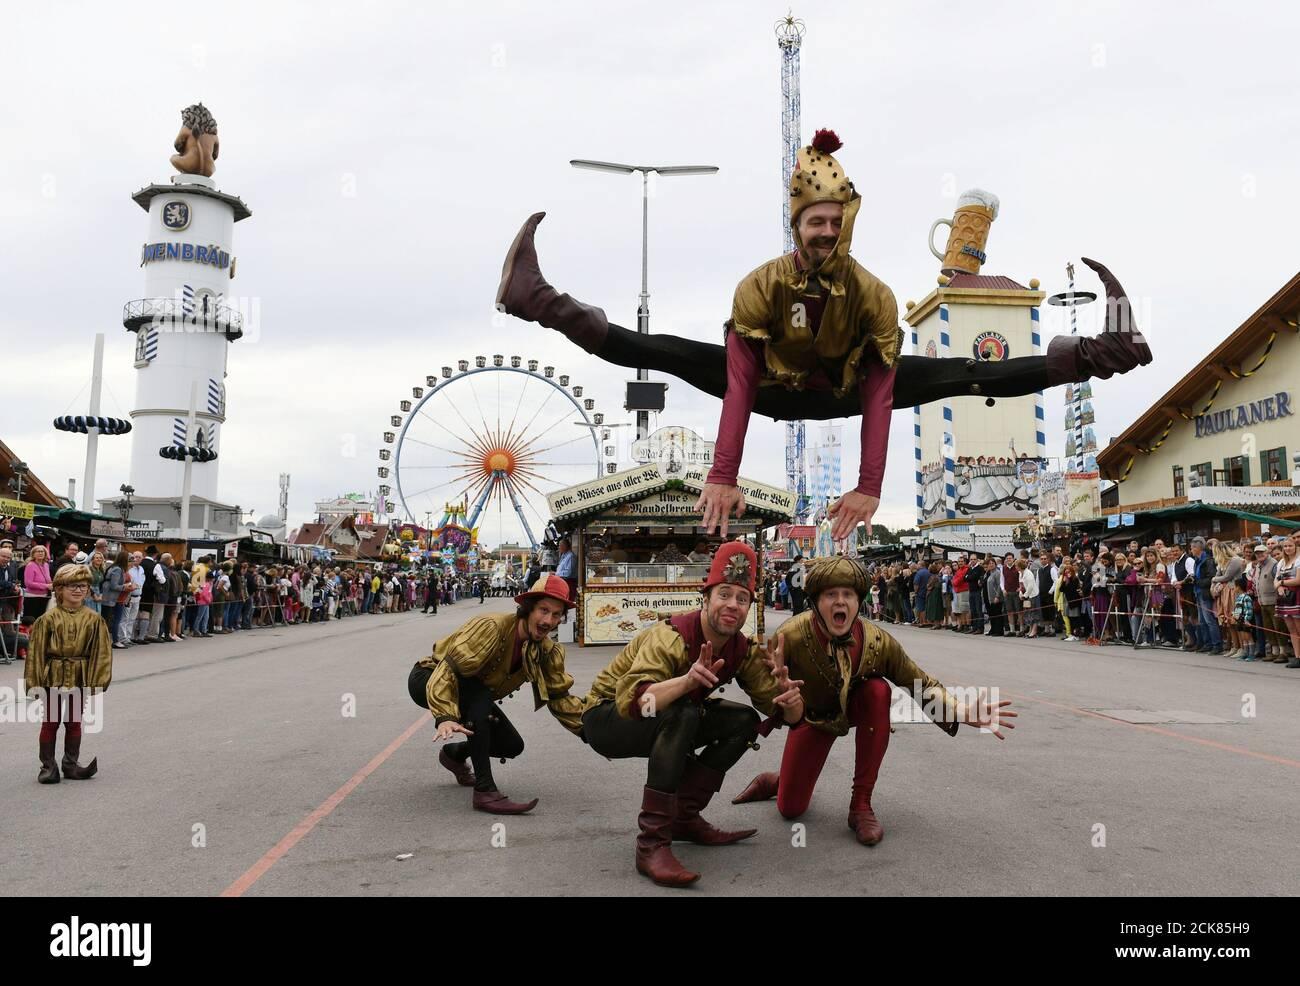 Los actores actúan durante el desfile de Oktoberfest en Munich, Alemania, 22 de septiembre de 2019. REUTERS/Andreas Gebert Foto de stock